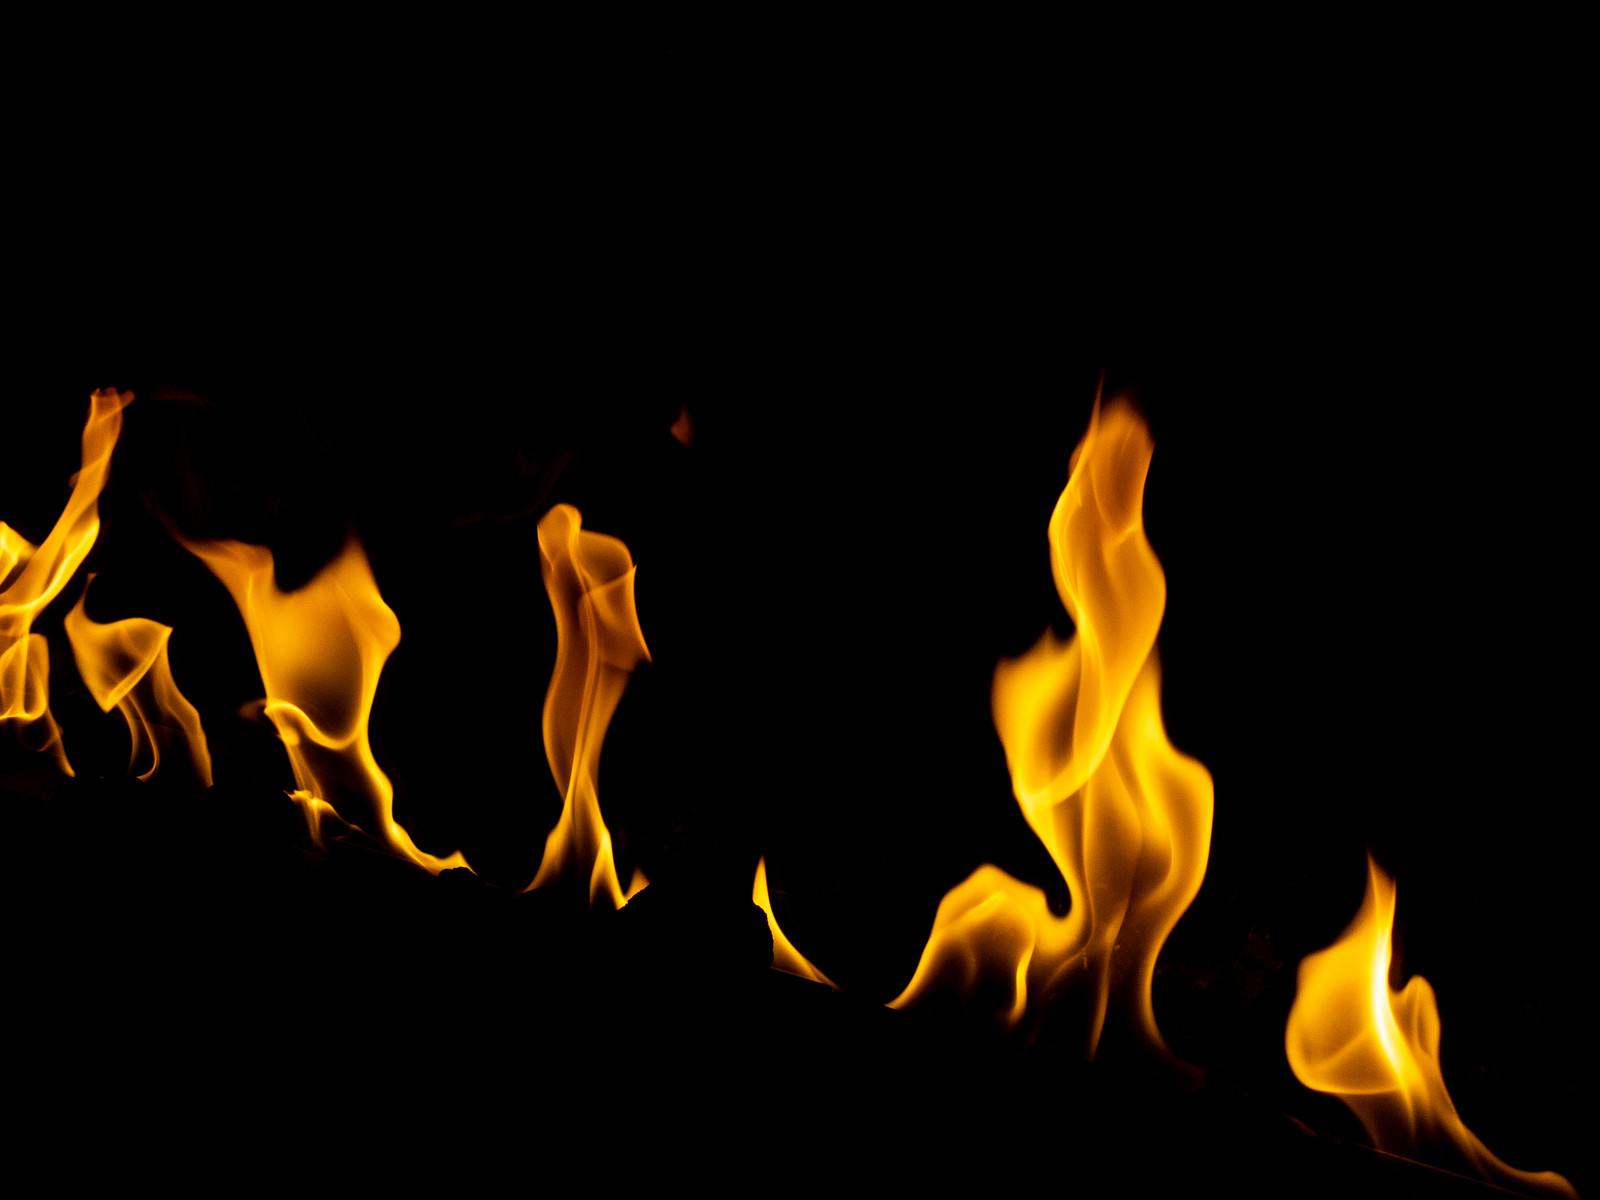 「メラメラの炎」の写真